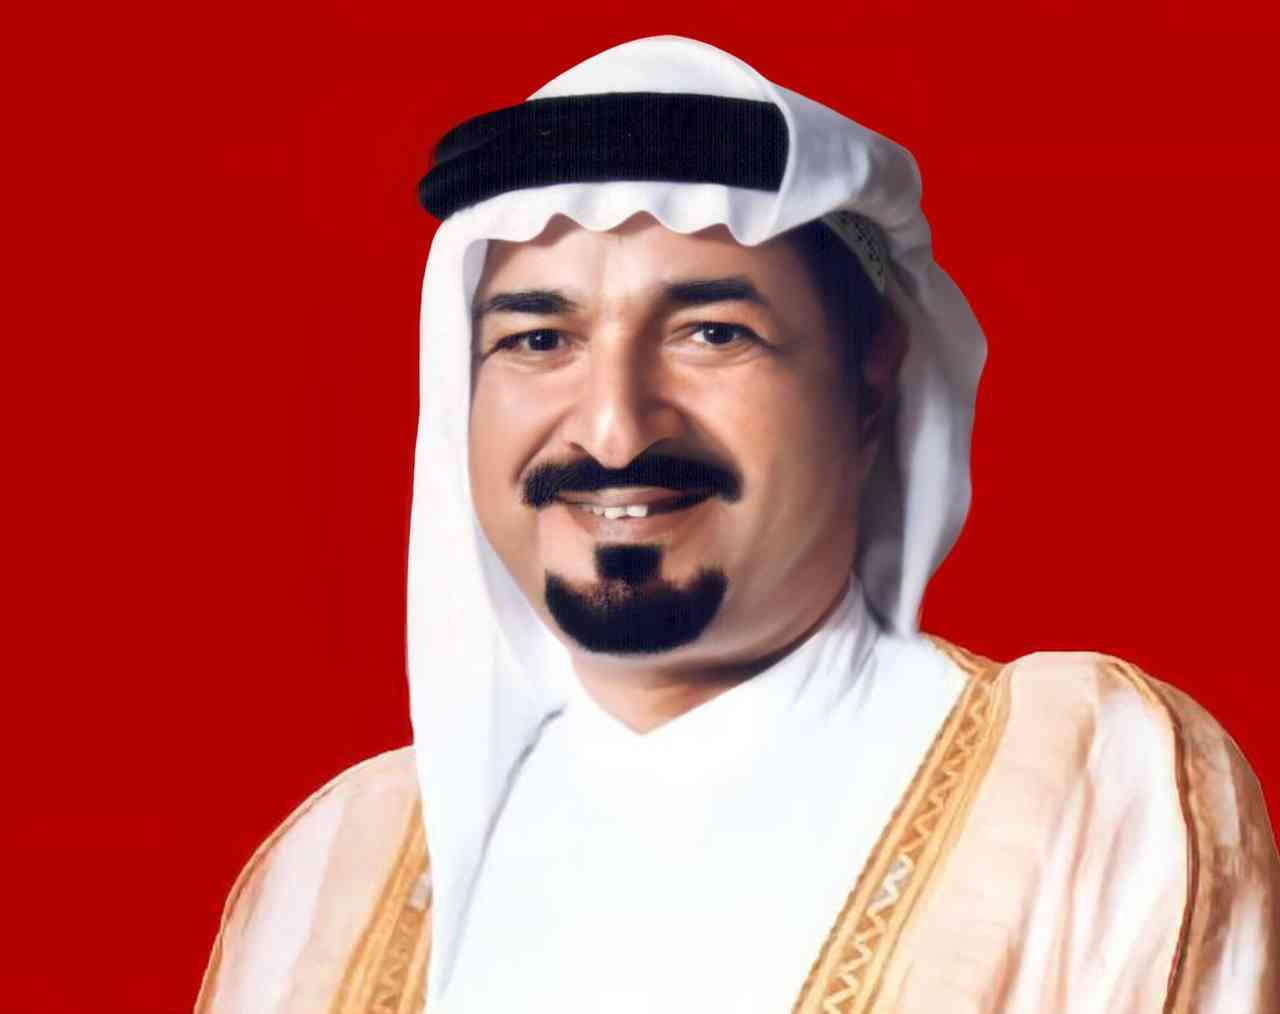 حميد النعيمي يصدر مرسوماً بتشكيل مجلس إدارة هيئة المناطق الحرة في عجمان